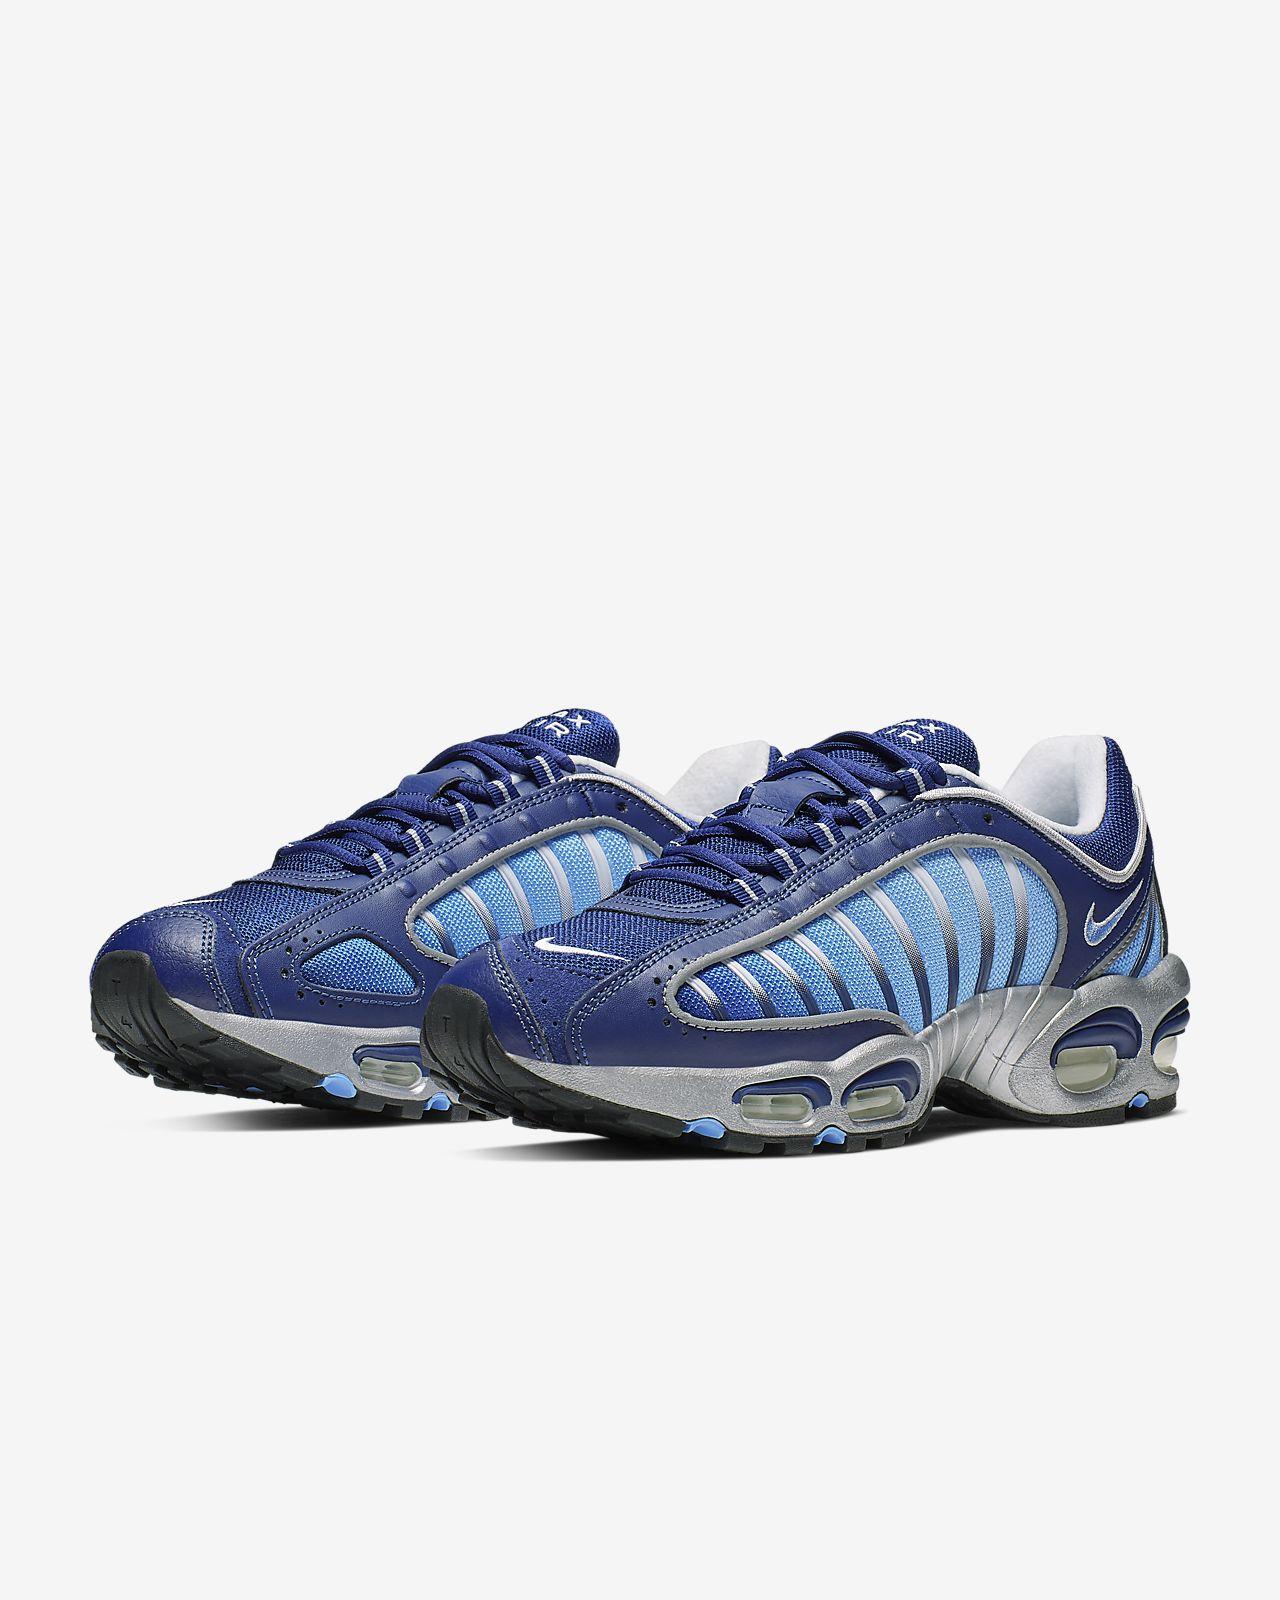 Loobfootwears   Nike Air Max TailWind IV AQ2567 004 Skor